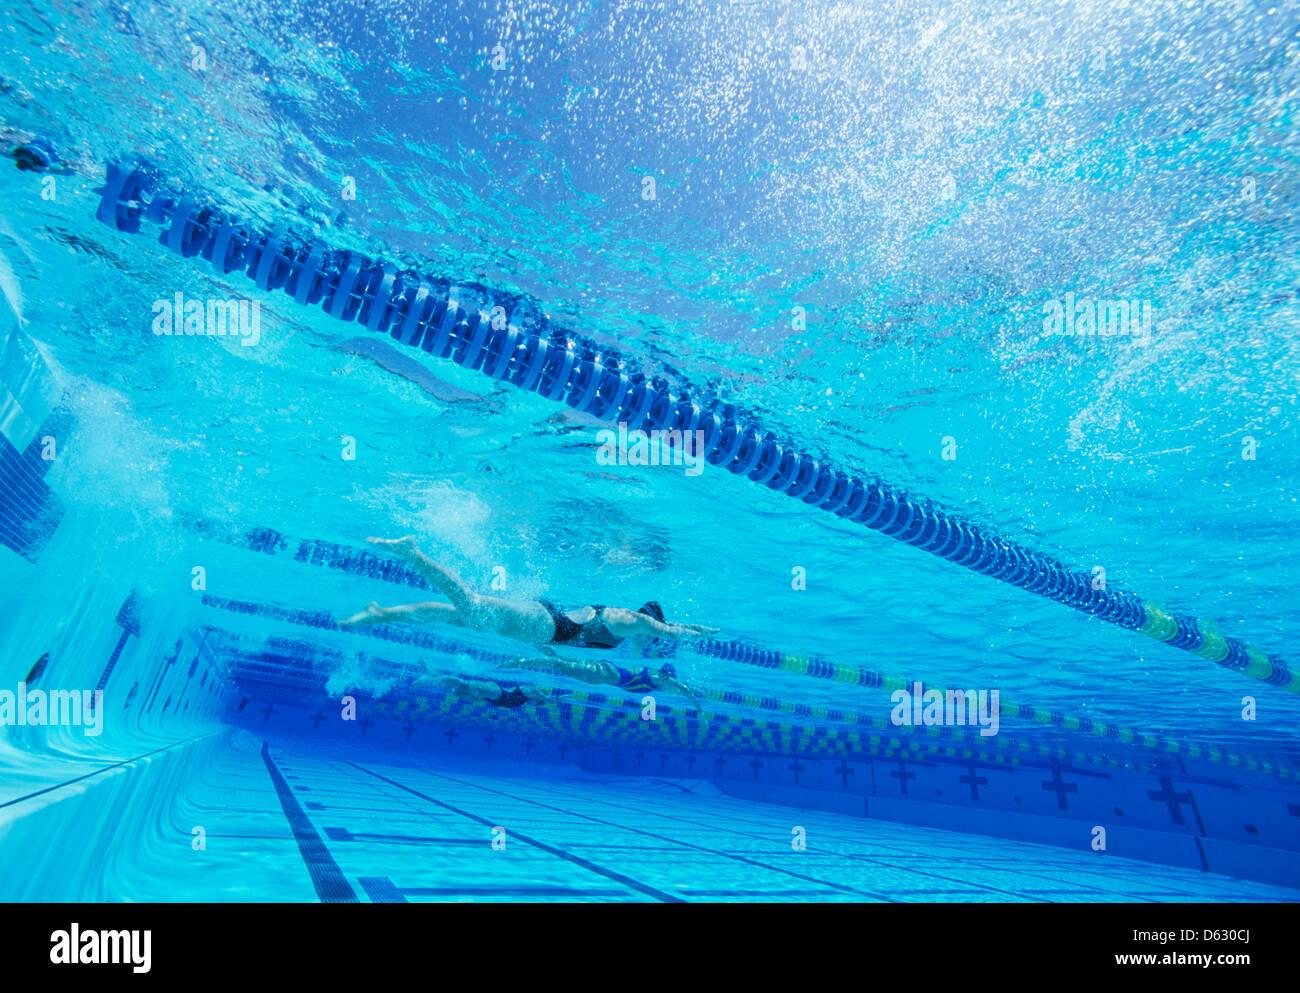 Les nageurs course ensemble dans une piscine Photo Stock